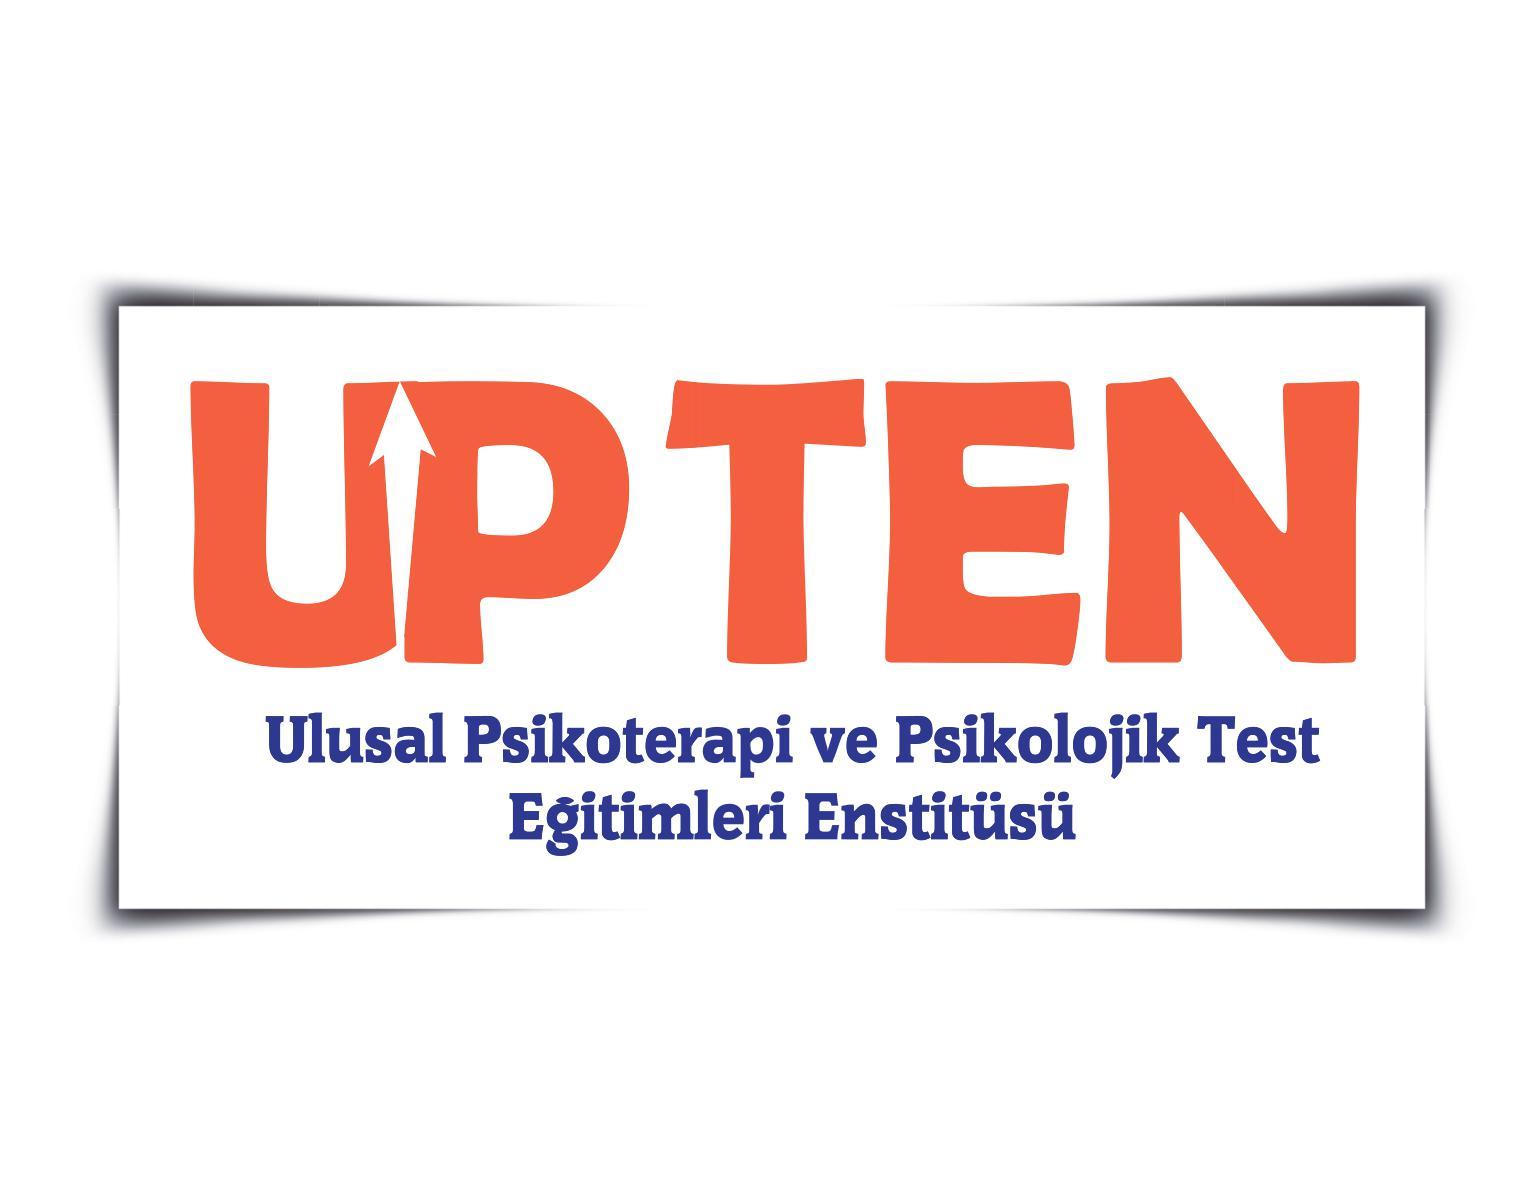 upten-logo.jpg